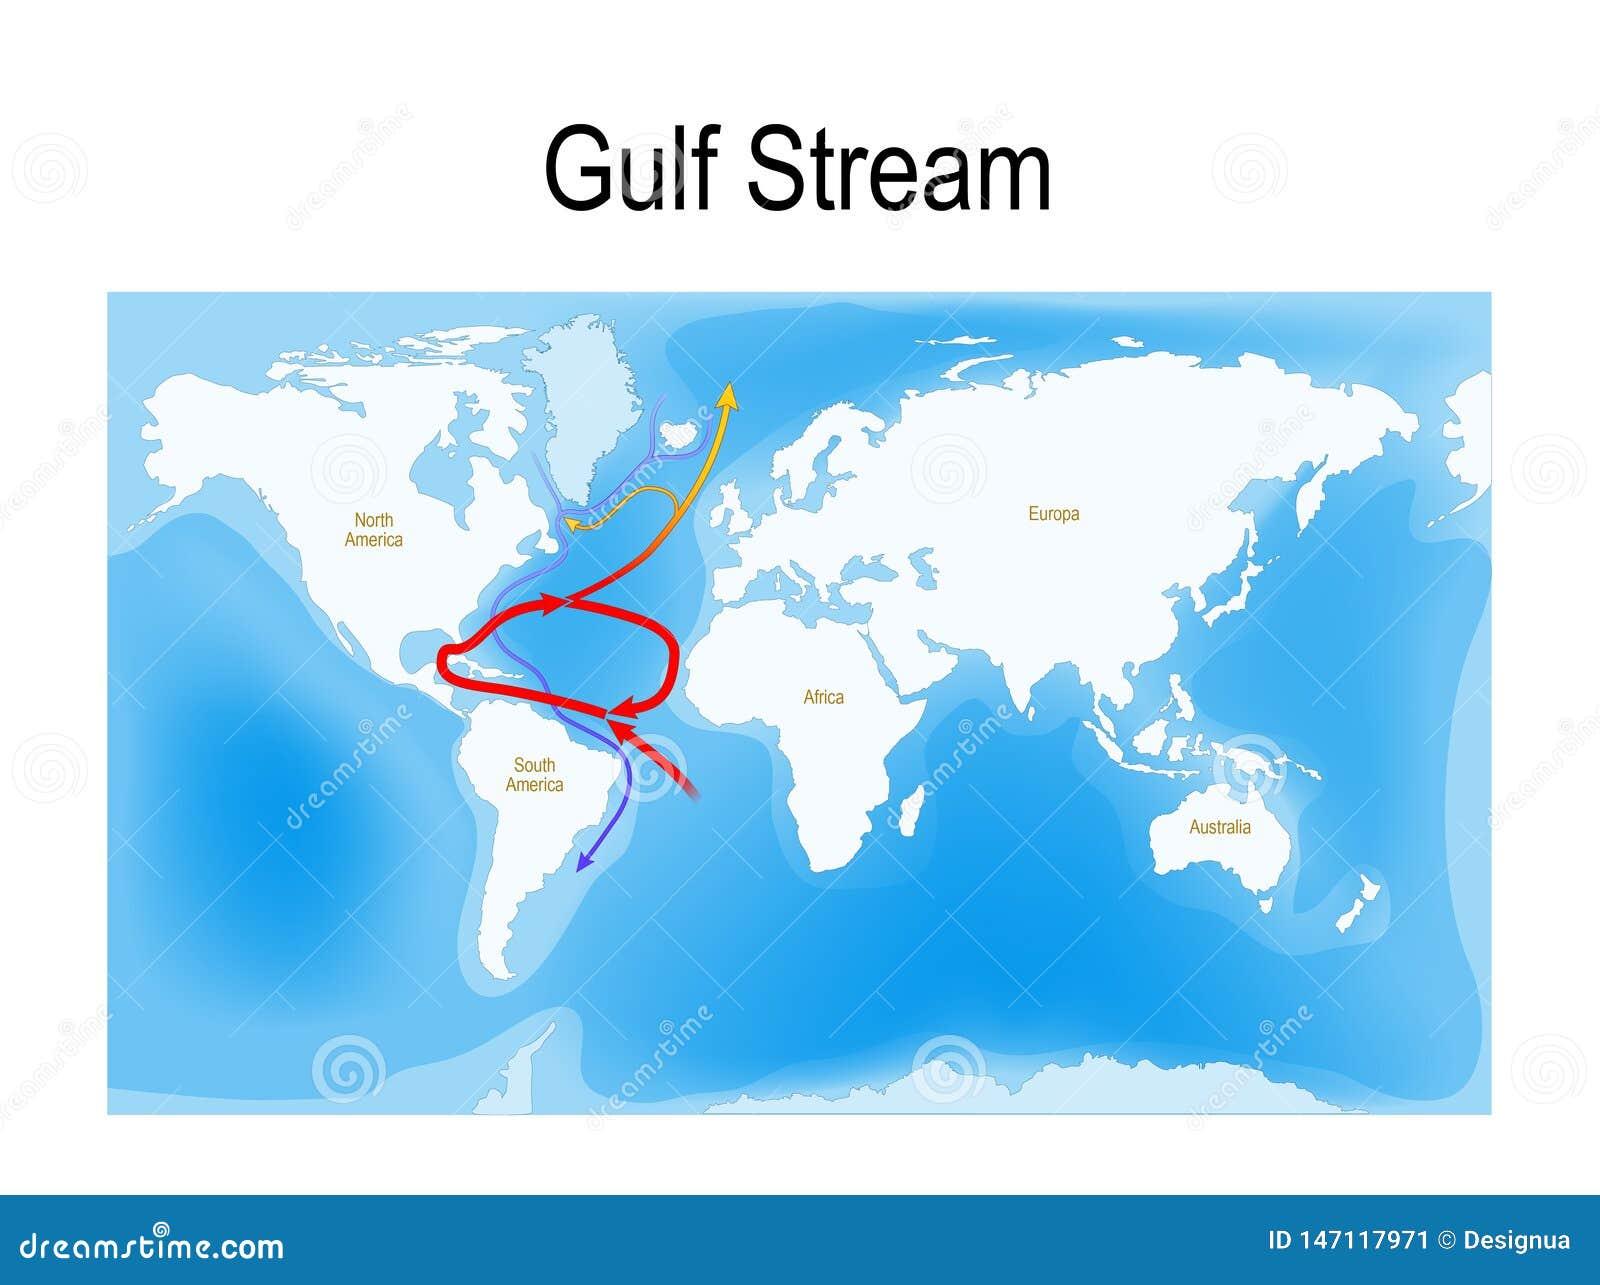 De Golfstroom is een warme en vlugge stroom van de Atlantische Oceaan